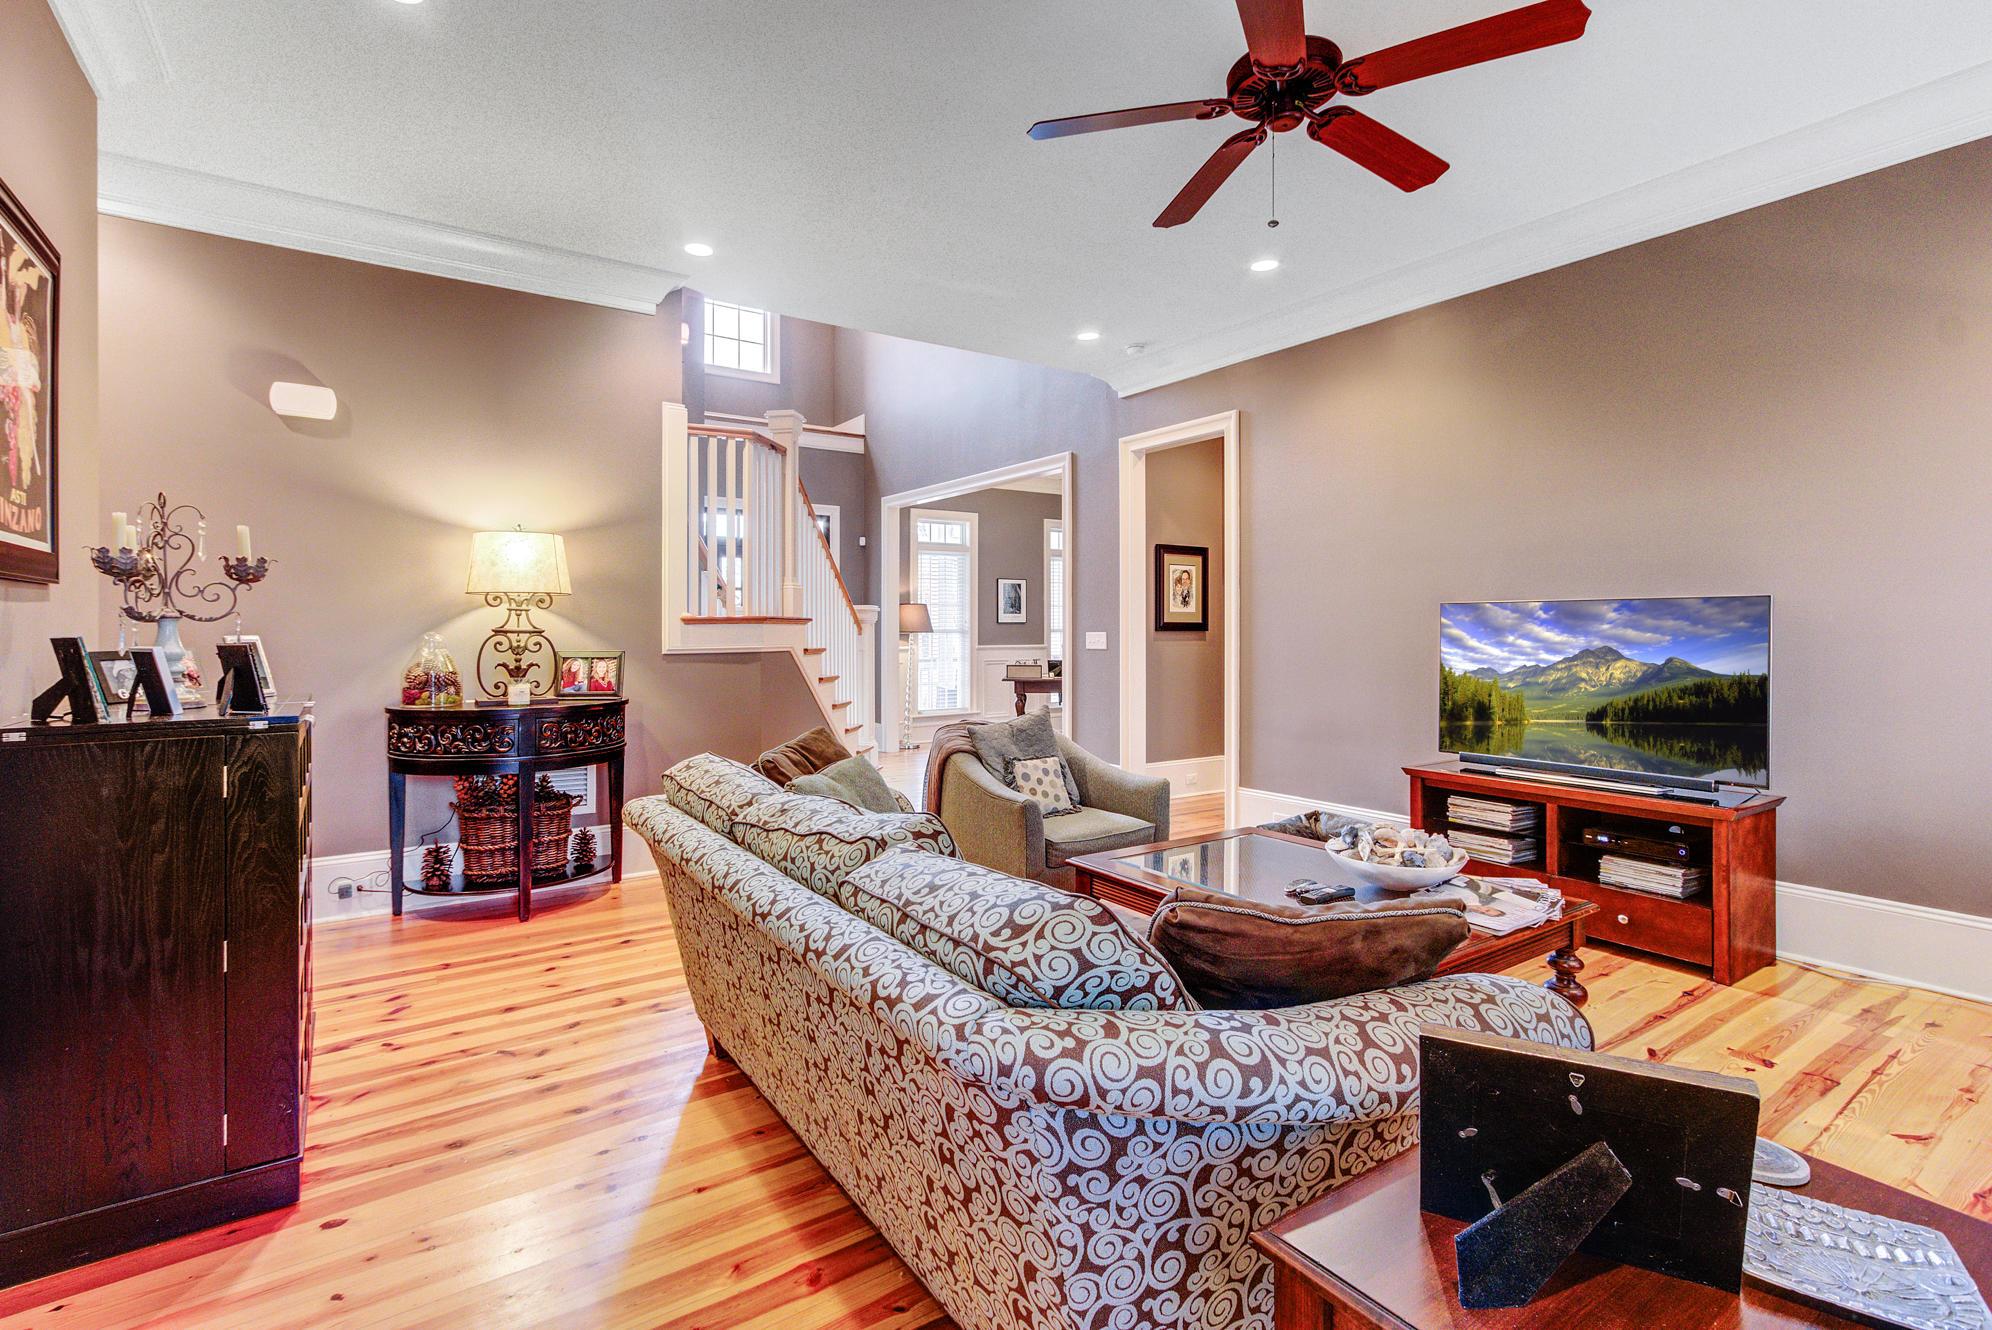 Park West Homes For Sale - 1527 Capel, Mount Pleasant, SC - 7